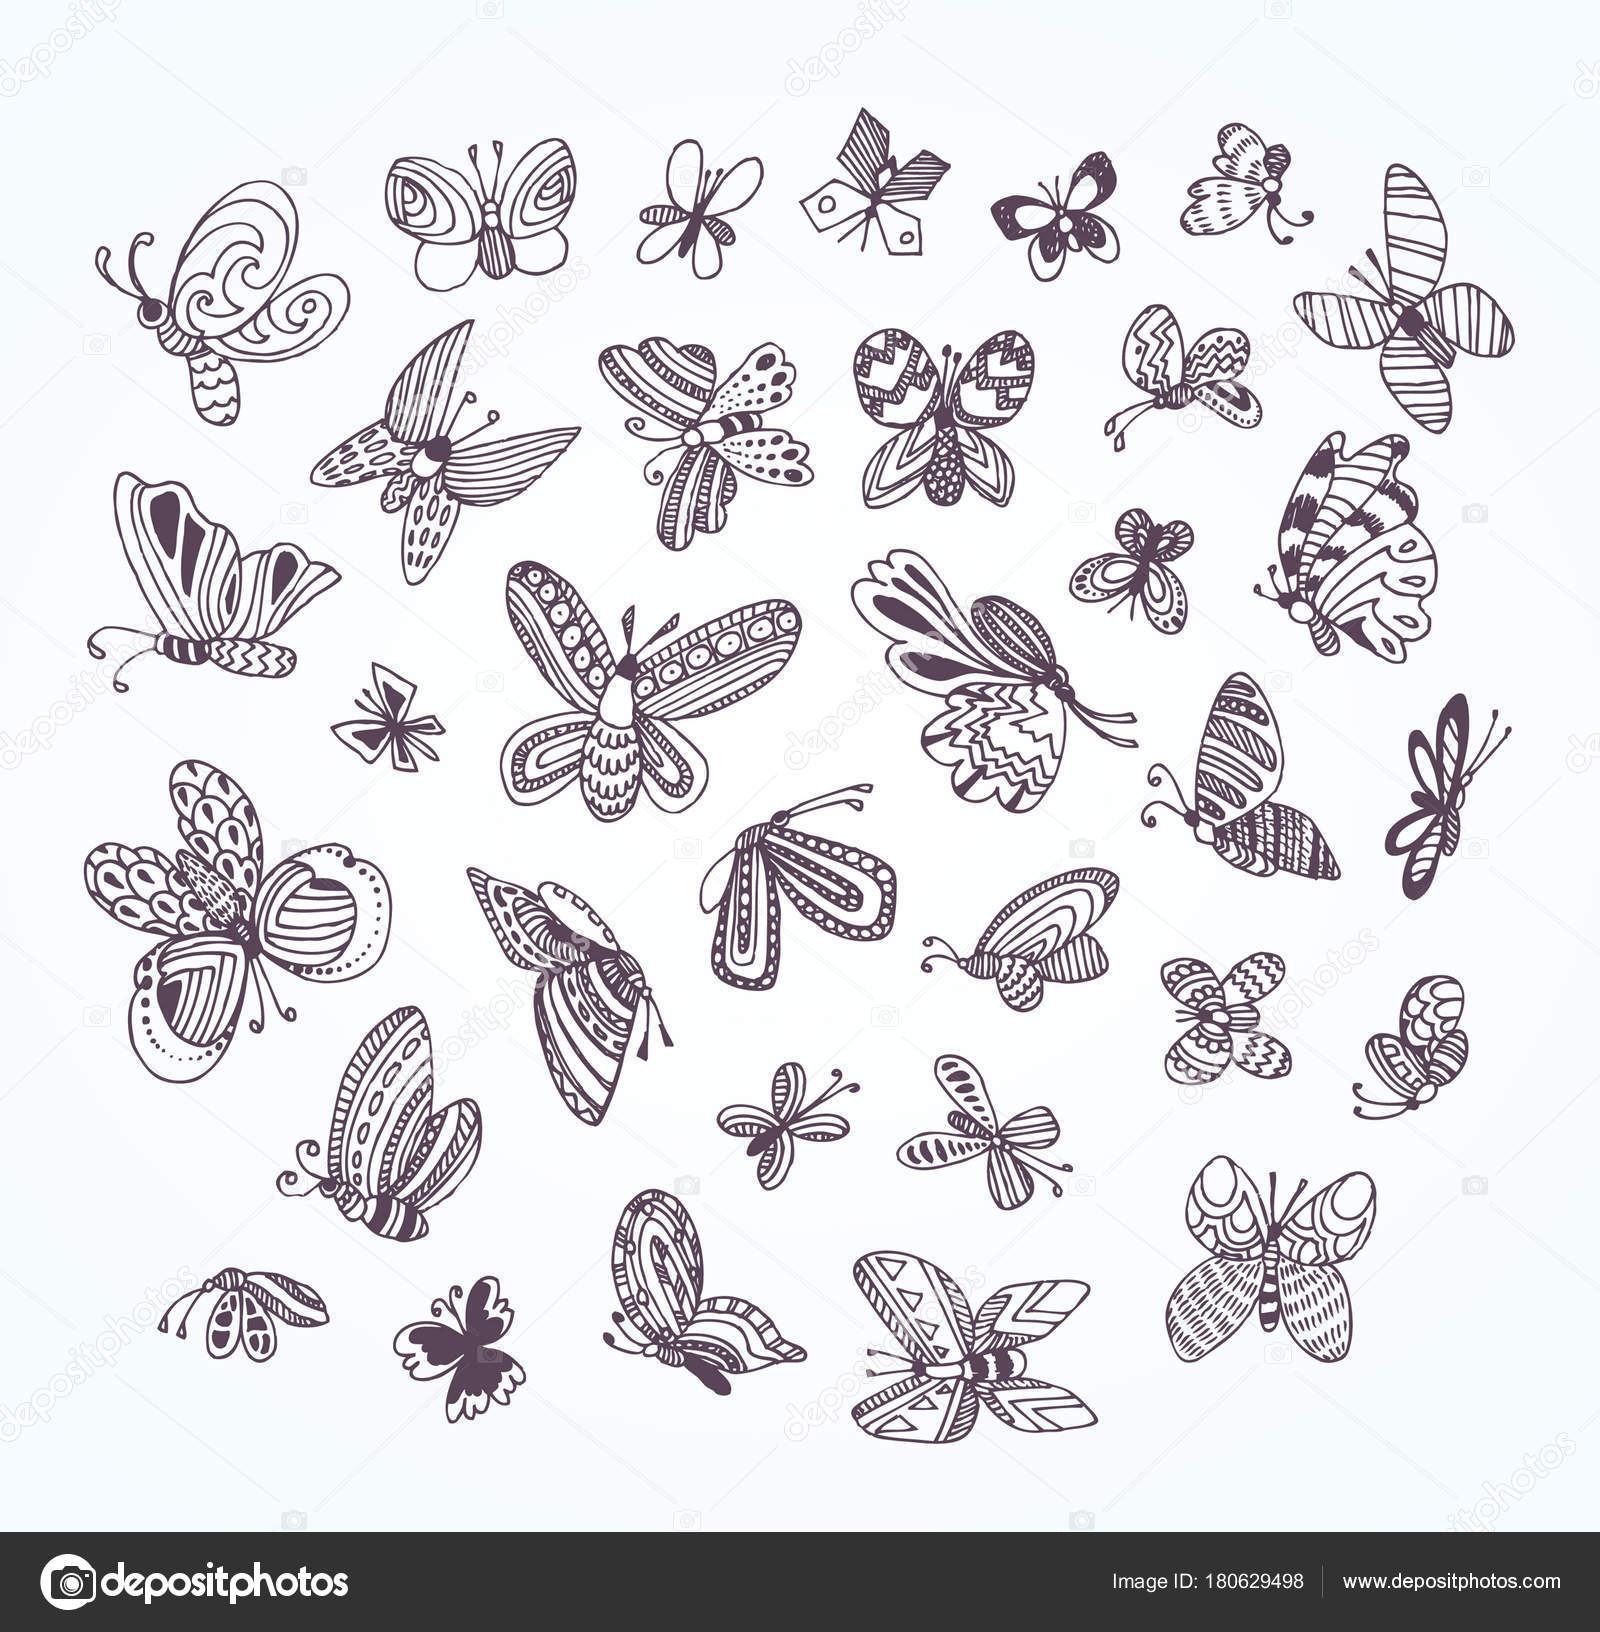 Siyah Beyaz Sevimli Kelebekler Yetişkin Kitap Sayfa Boyama Doodle